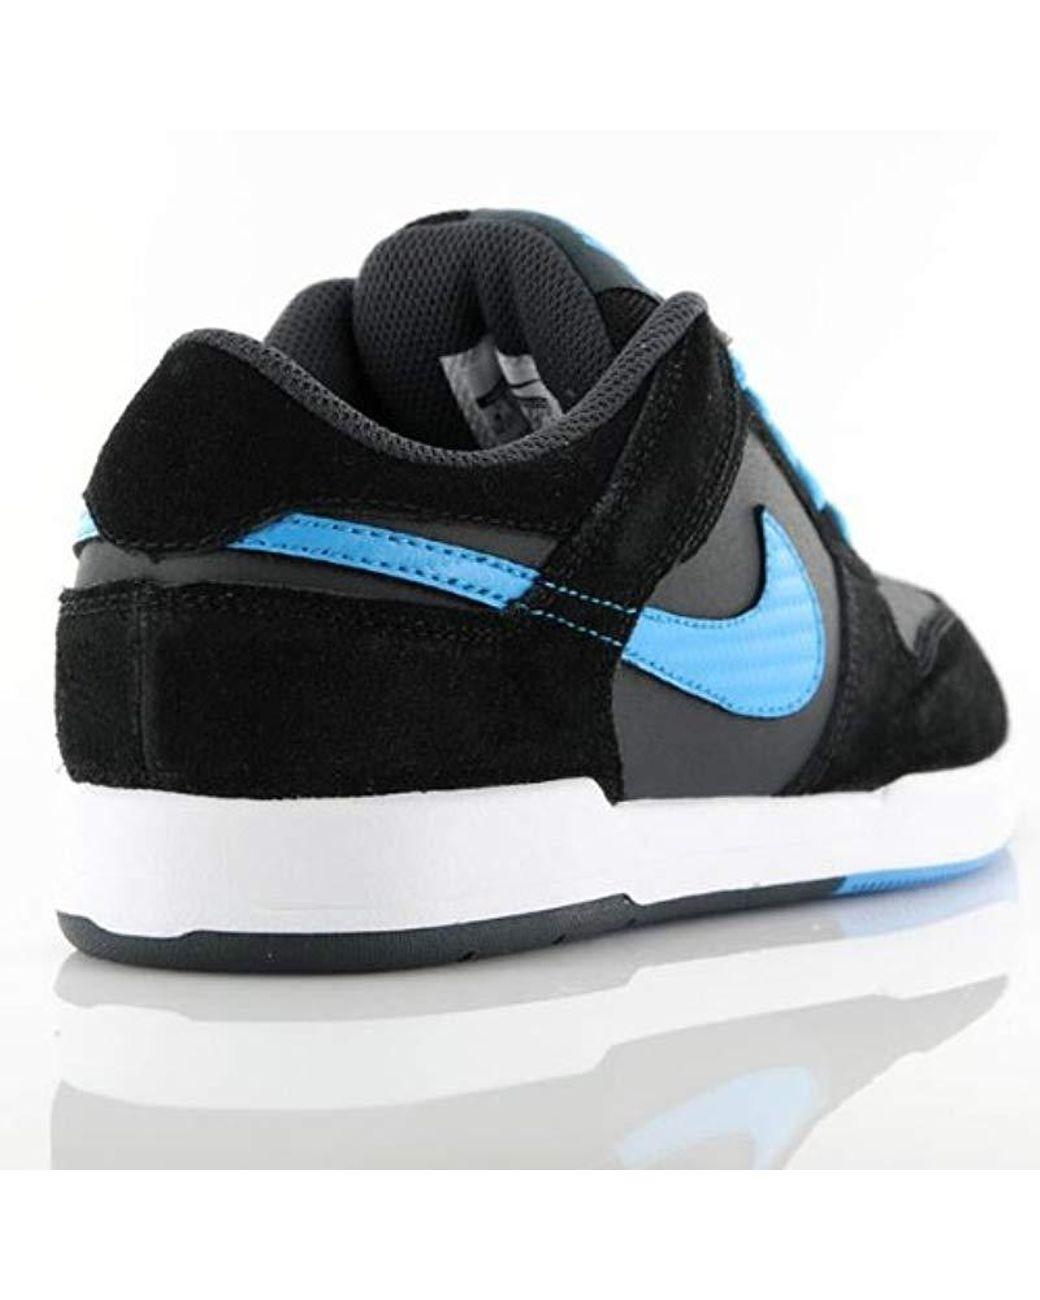 sale retailer 5ce79 303c6 Men's Blue Air 2 Retro Decon - Size 9.5